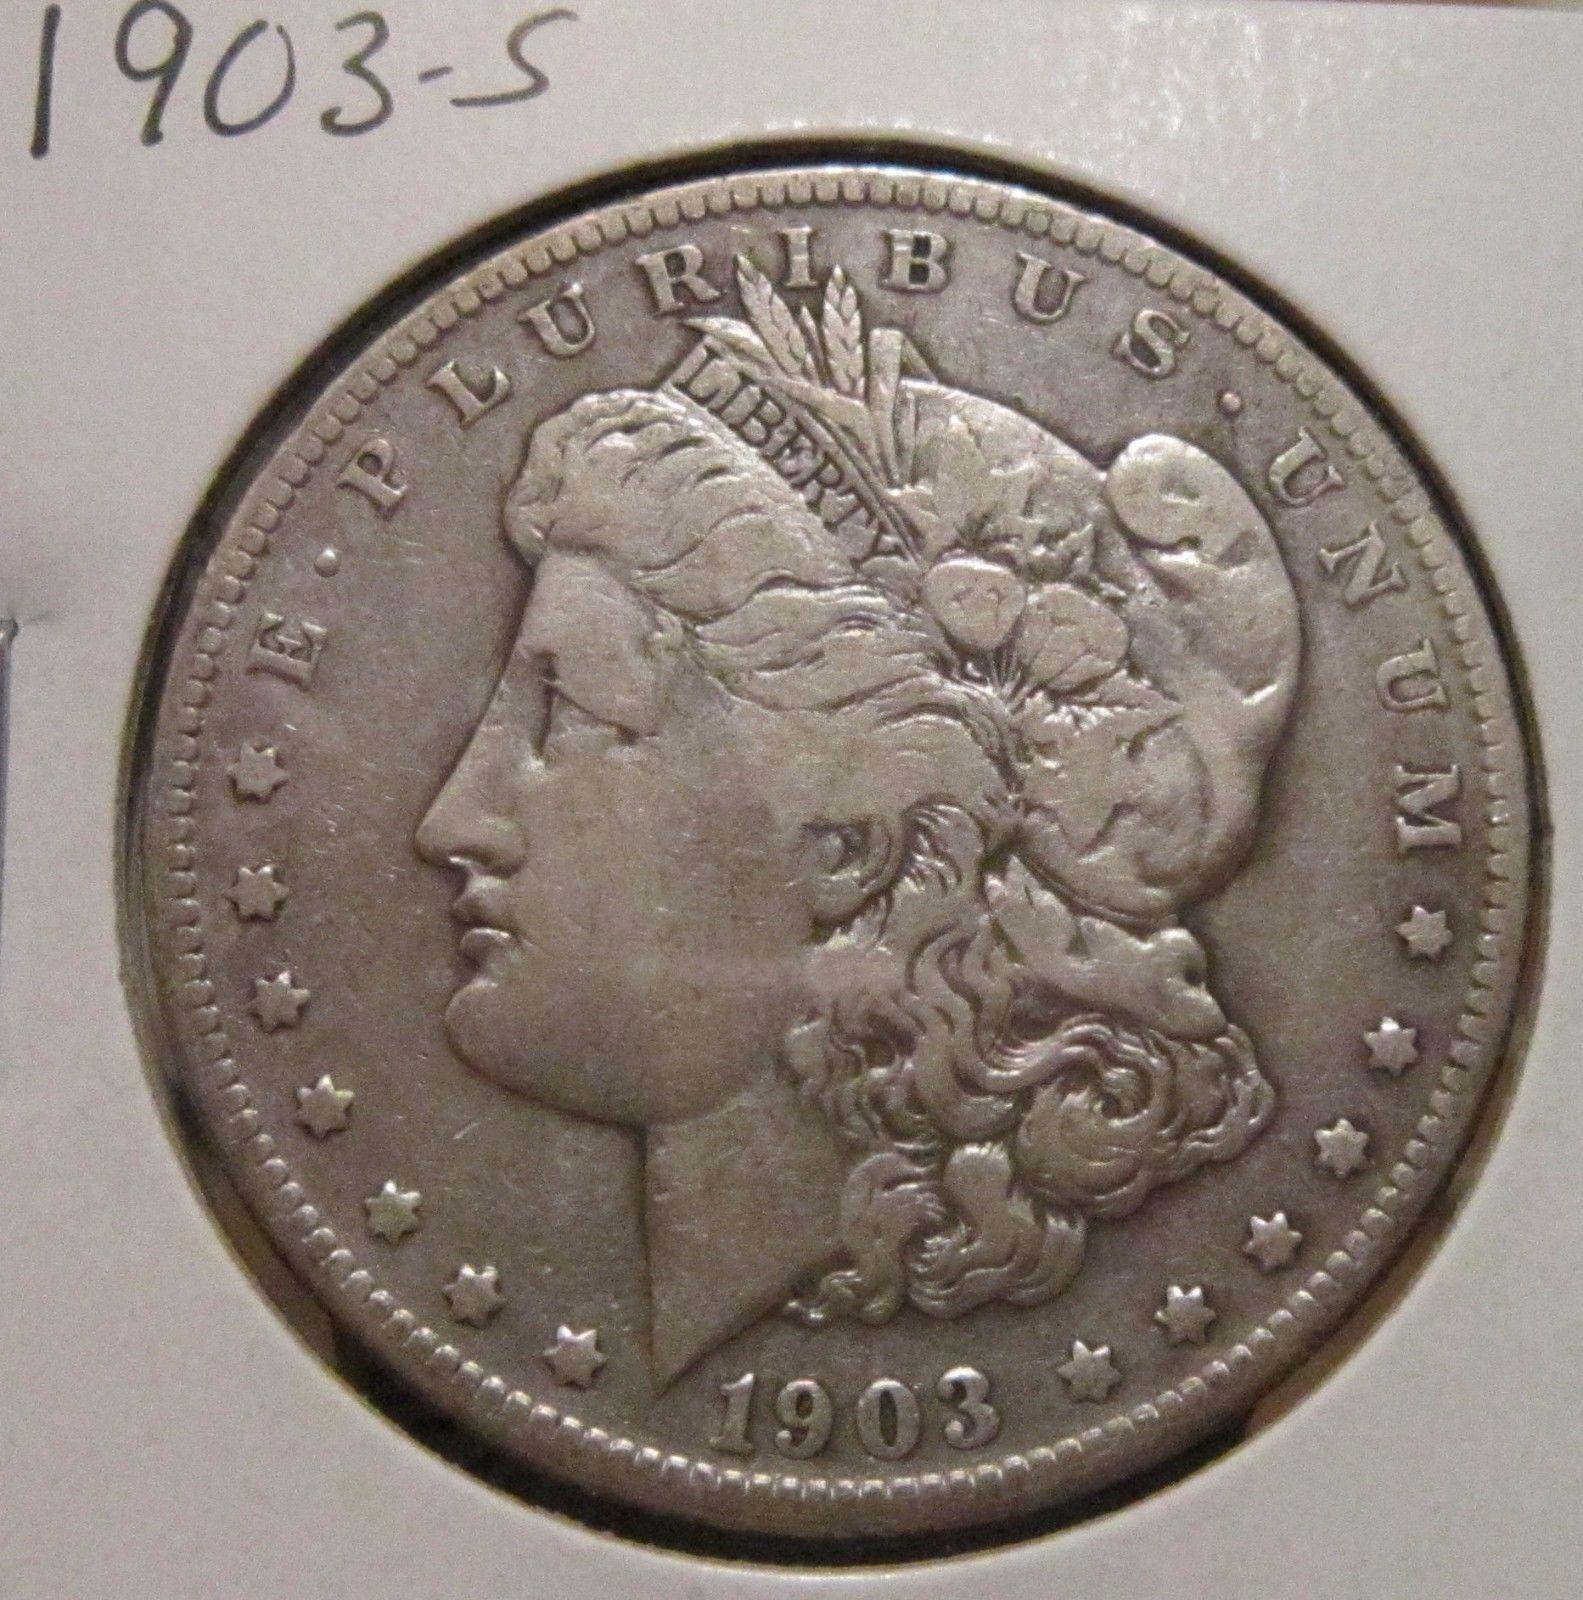 1903-S MORGAN SILVER DOLLAR RARE KEY DATE US SILVER COIN https://t.co/e4RbPvCawj https://t.co/3eEF89uYfo